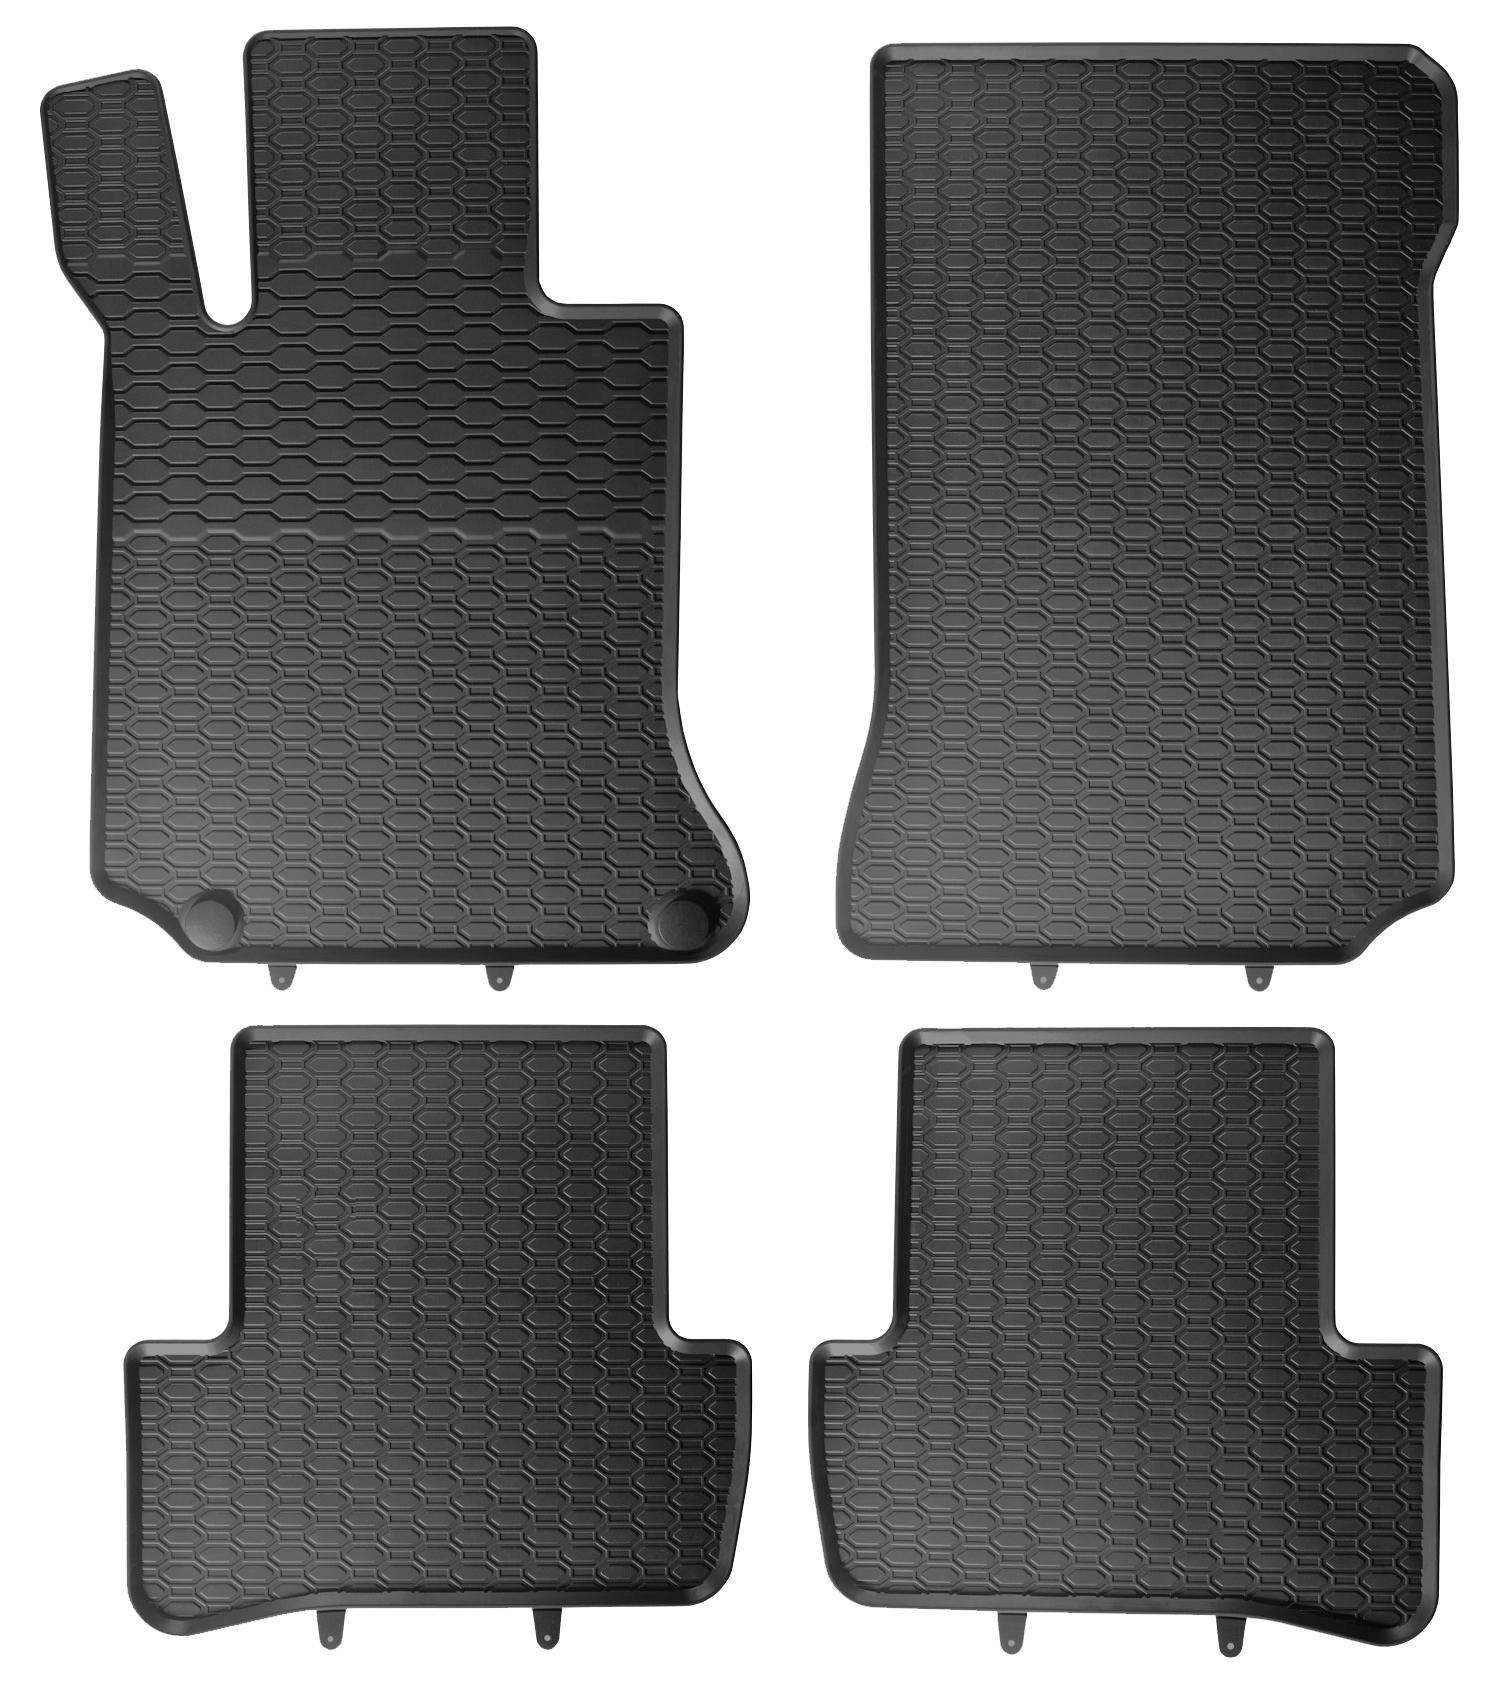 Gummimatten Fußmatten für Mercedes C-Klasse W204 2006-2014 Original Qualität